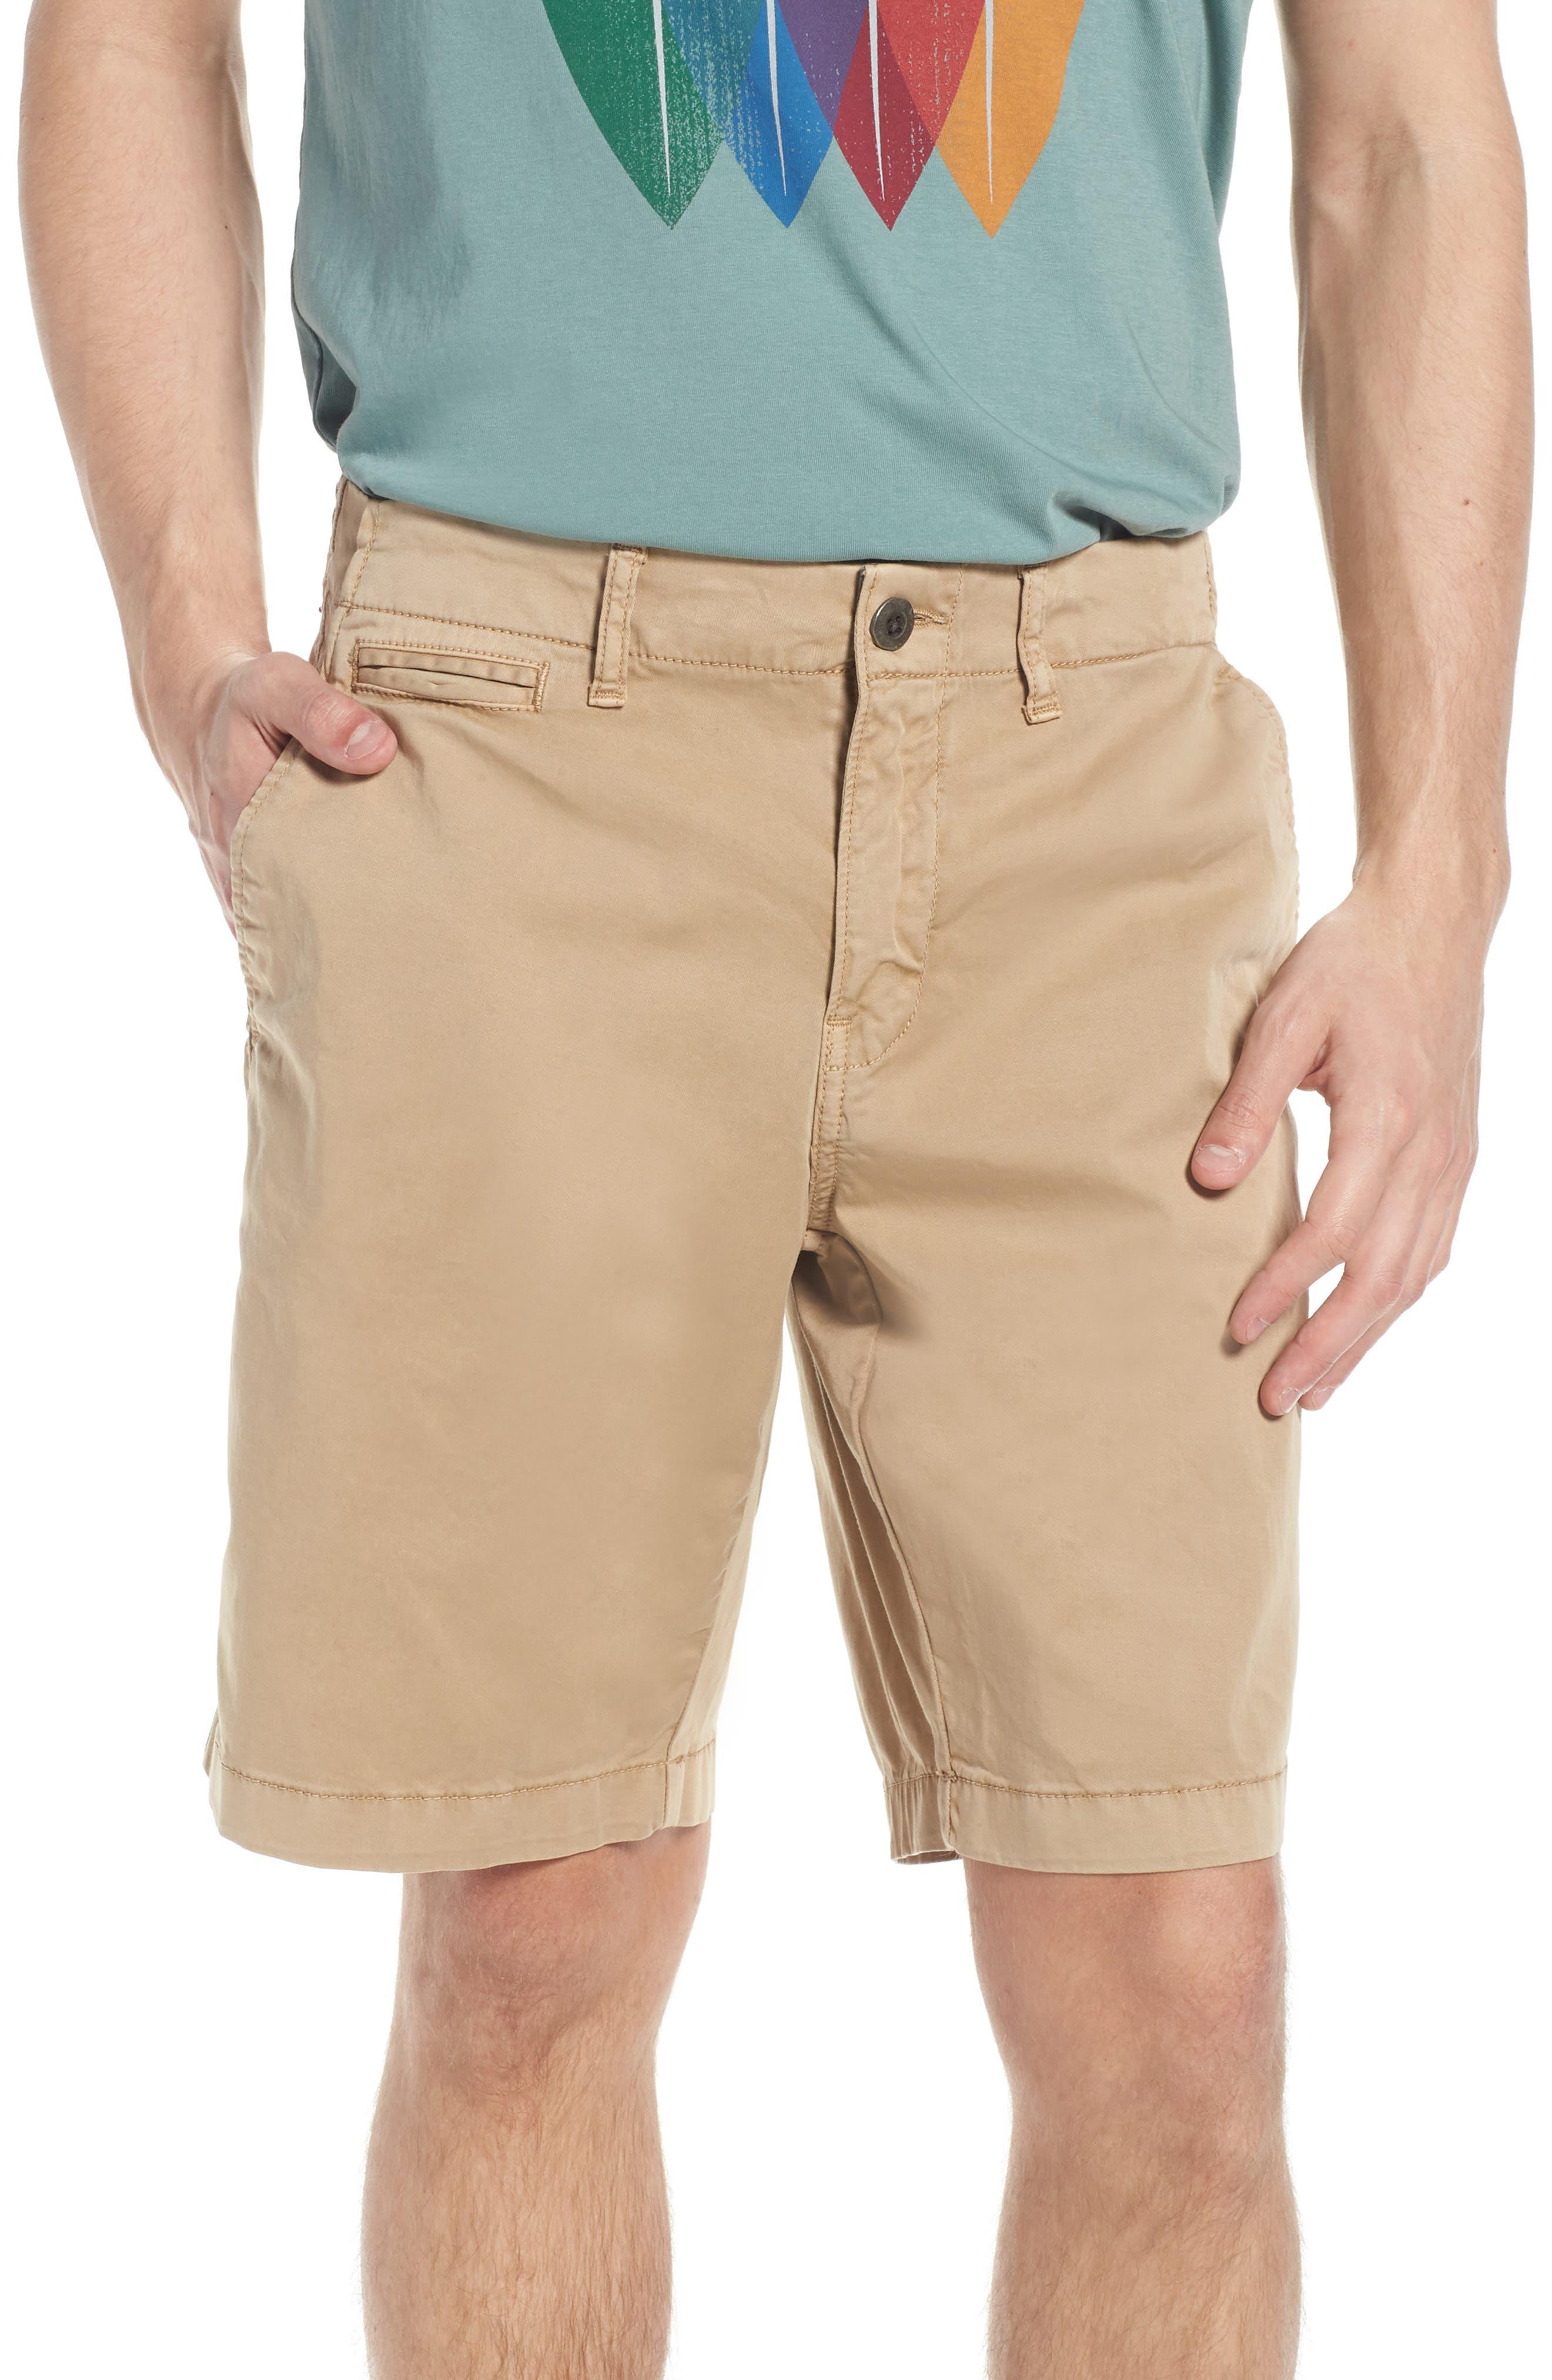 St. Barts Twill Shorts,                             Main thumbnail 6, color,